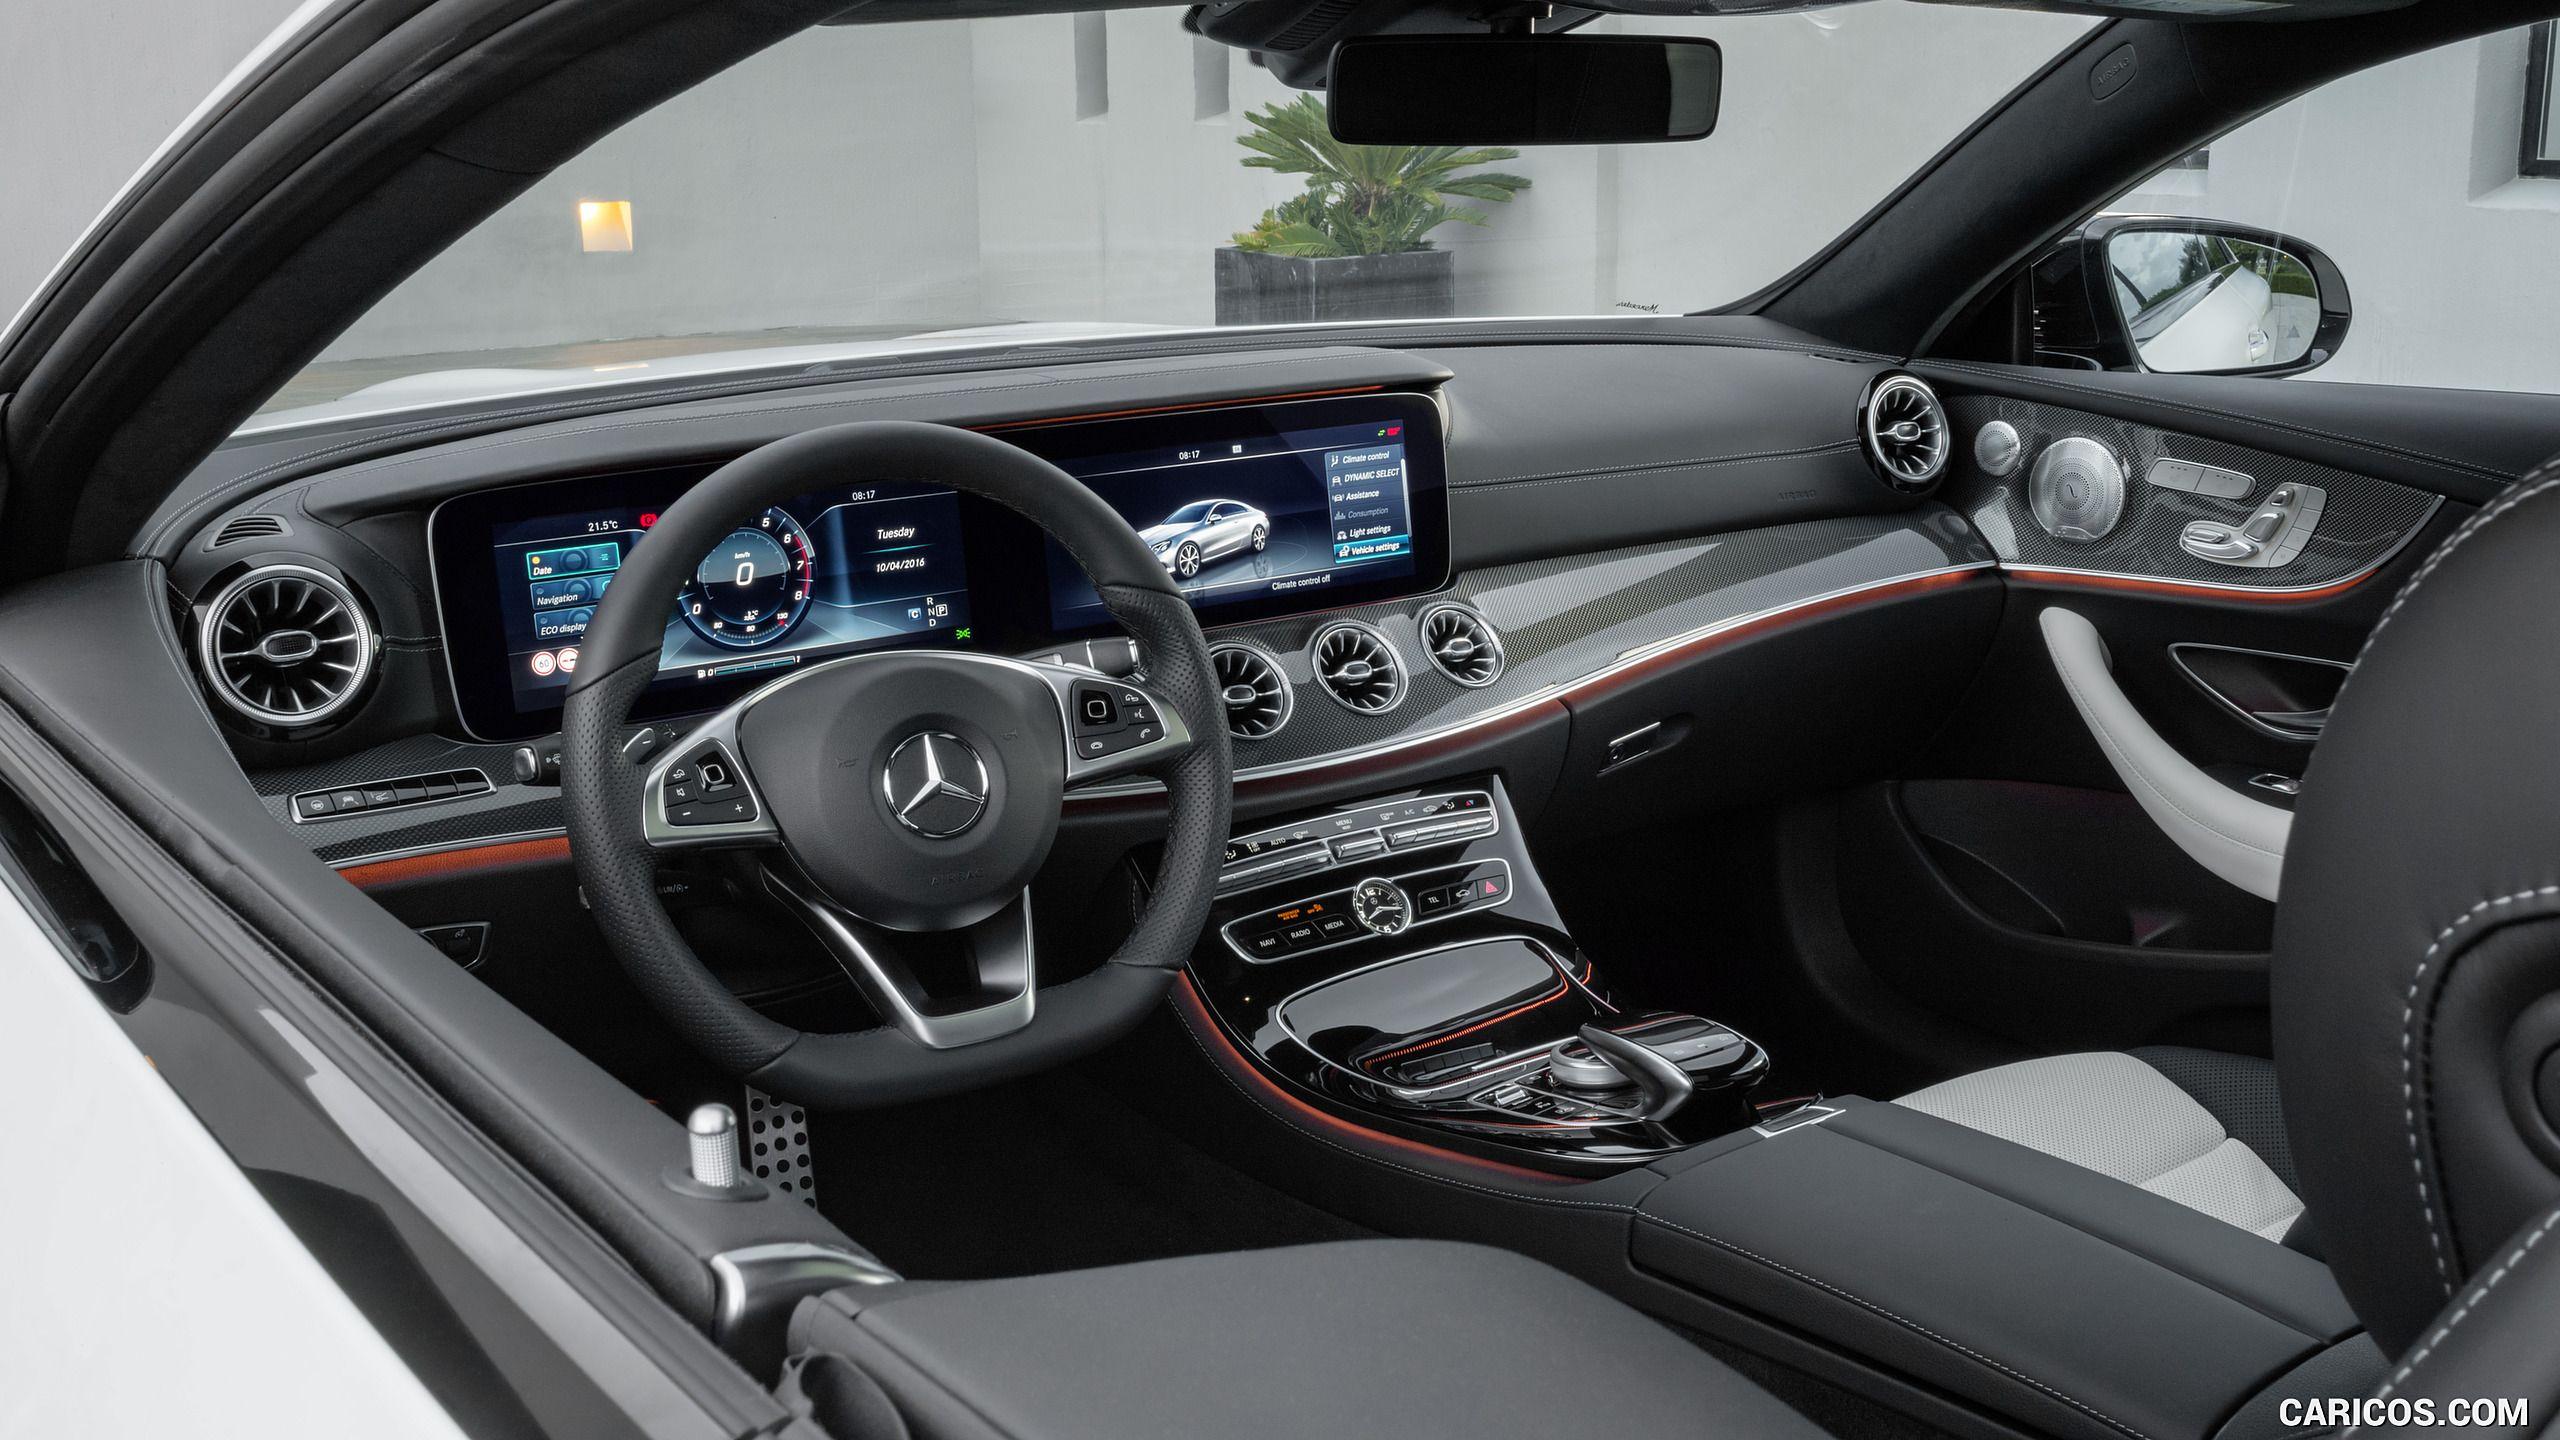 2018 Mercedes Benz E Cl Coupe Wallpaper